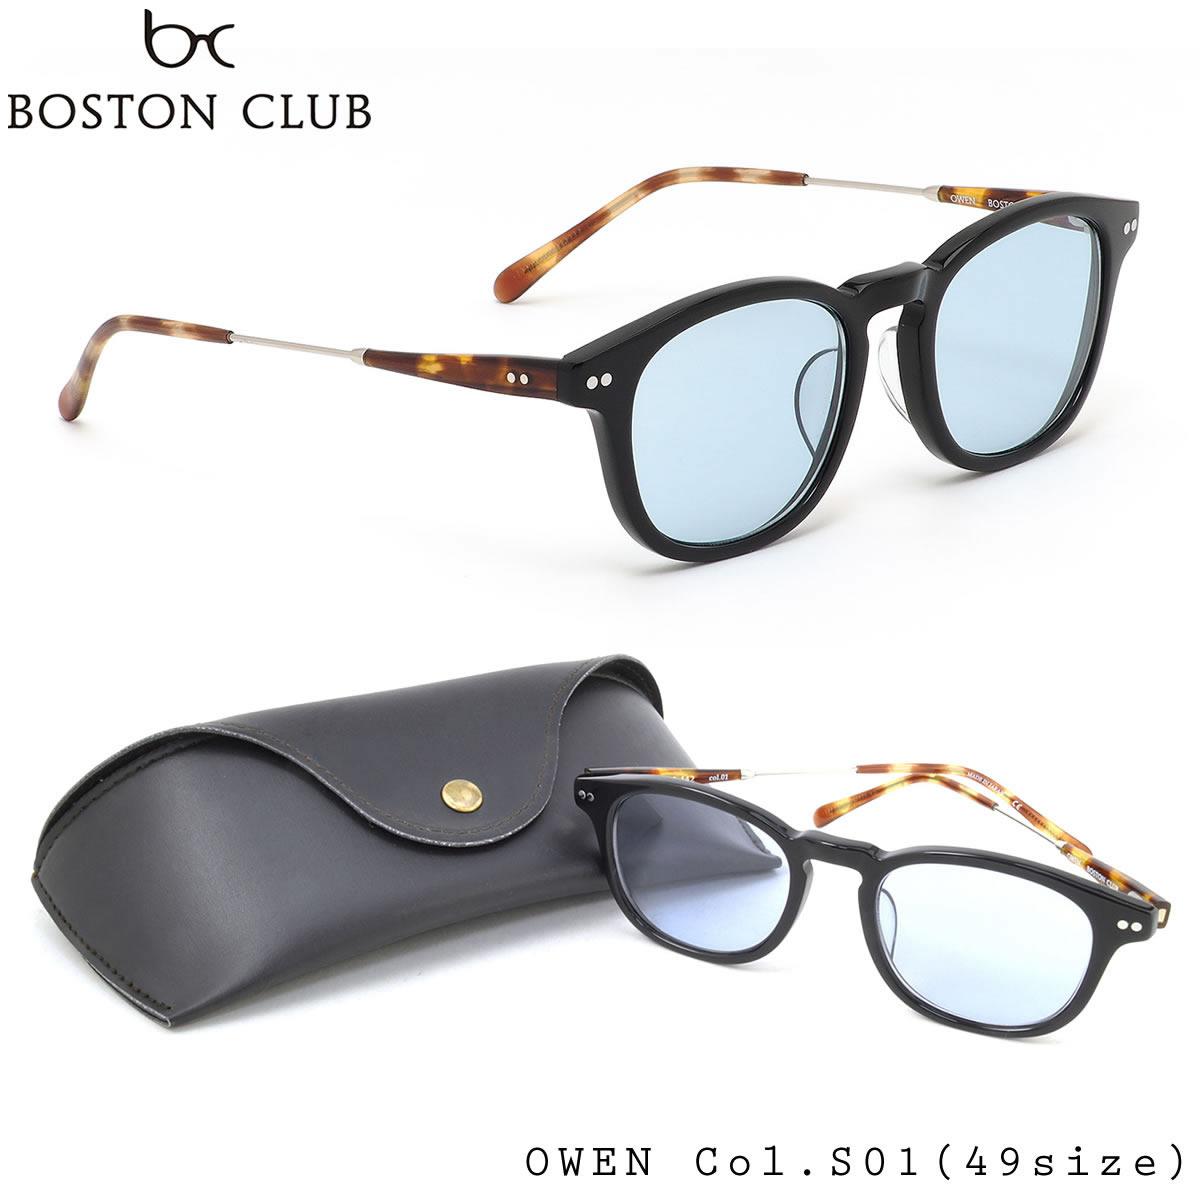 ボストンクラブ BOSTON CLUB サングラス OWEN S01 49サイズ ボストン 日本製 フルリム コンビネーション スクエア BOSTONCLUB メンズ レディース